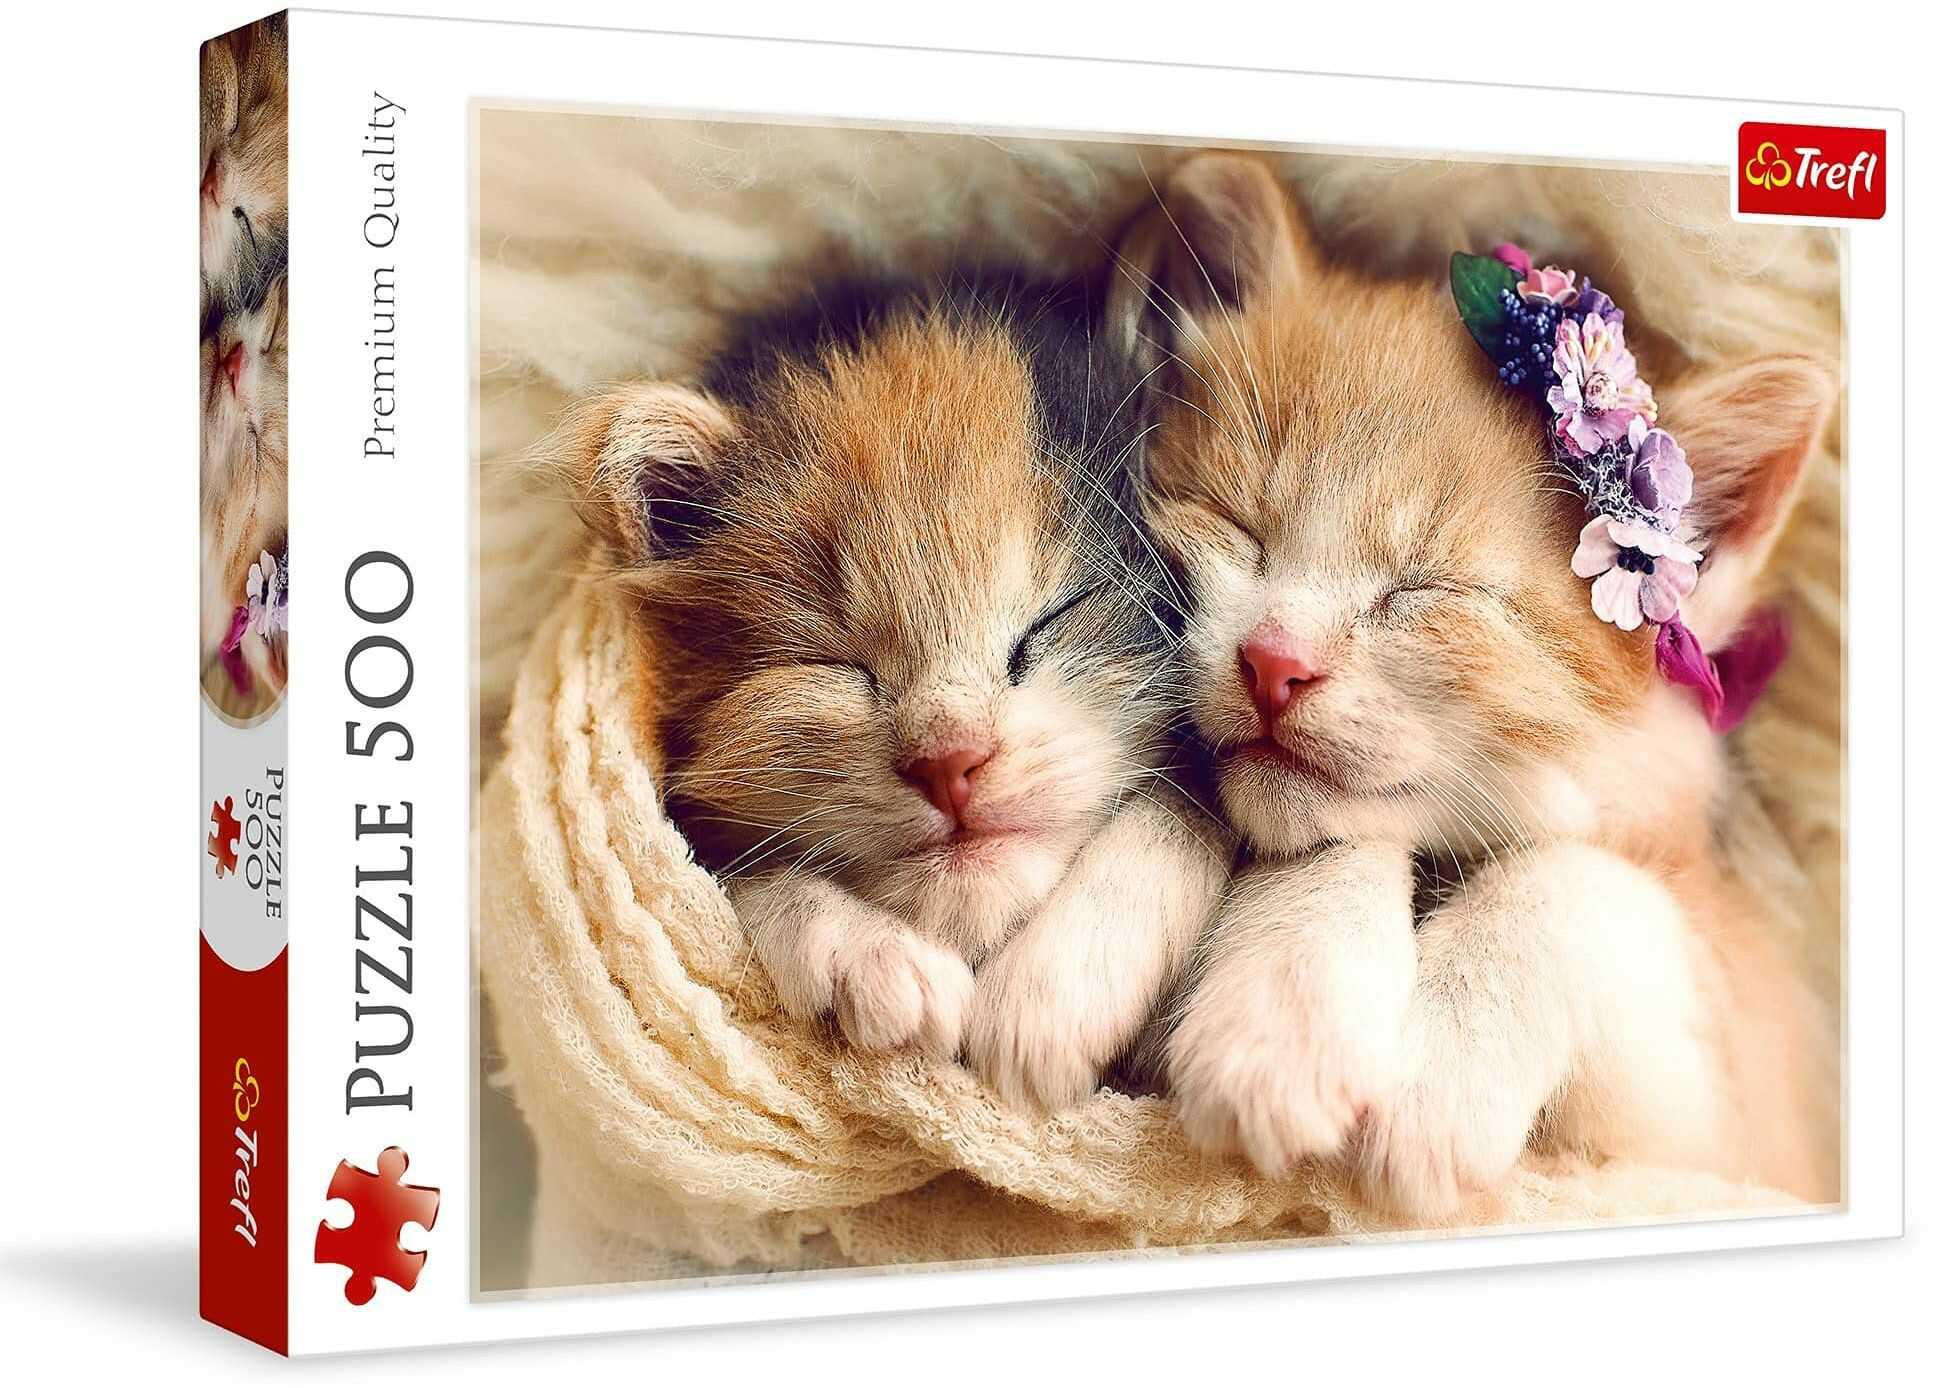 Trefl Śpiące Kotki Puzzle 500 Elementów o Wysokiej Jakości Nadruku dla Dorosłych i Dzieci od 10 lat